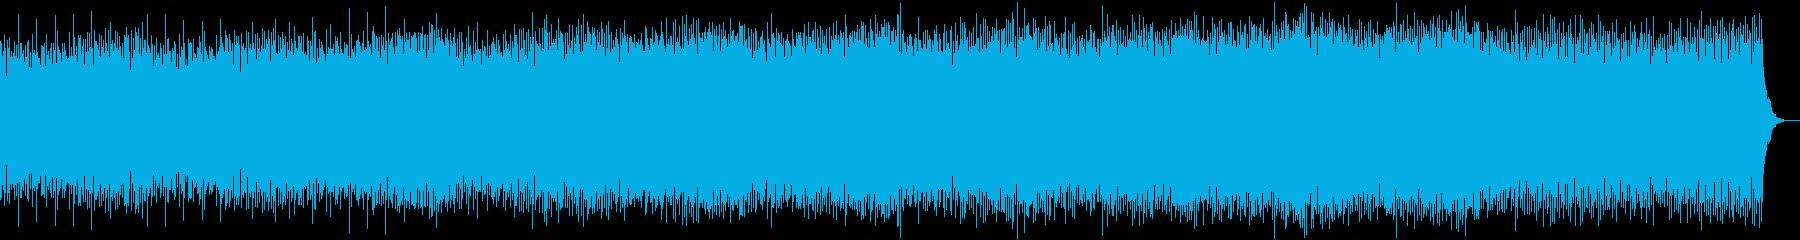 ホラー・ミステリー・心理シンセアルペジオの再生済みの波形